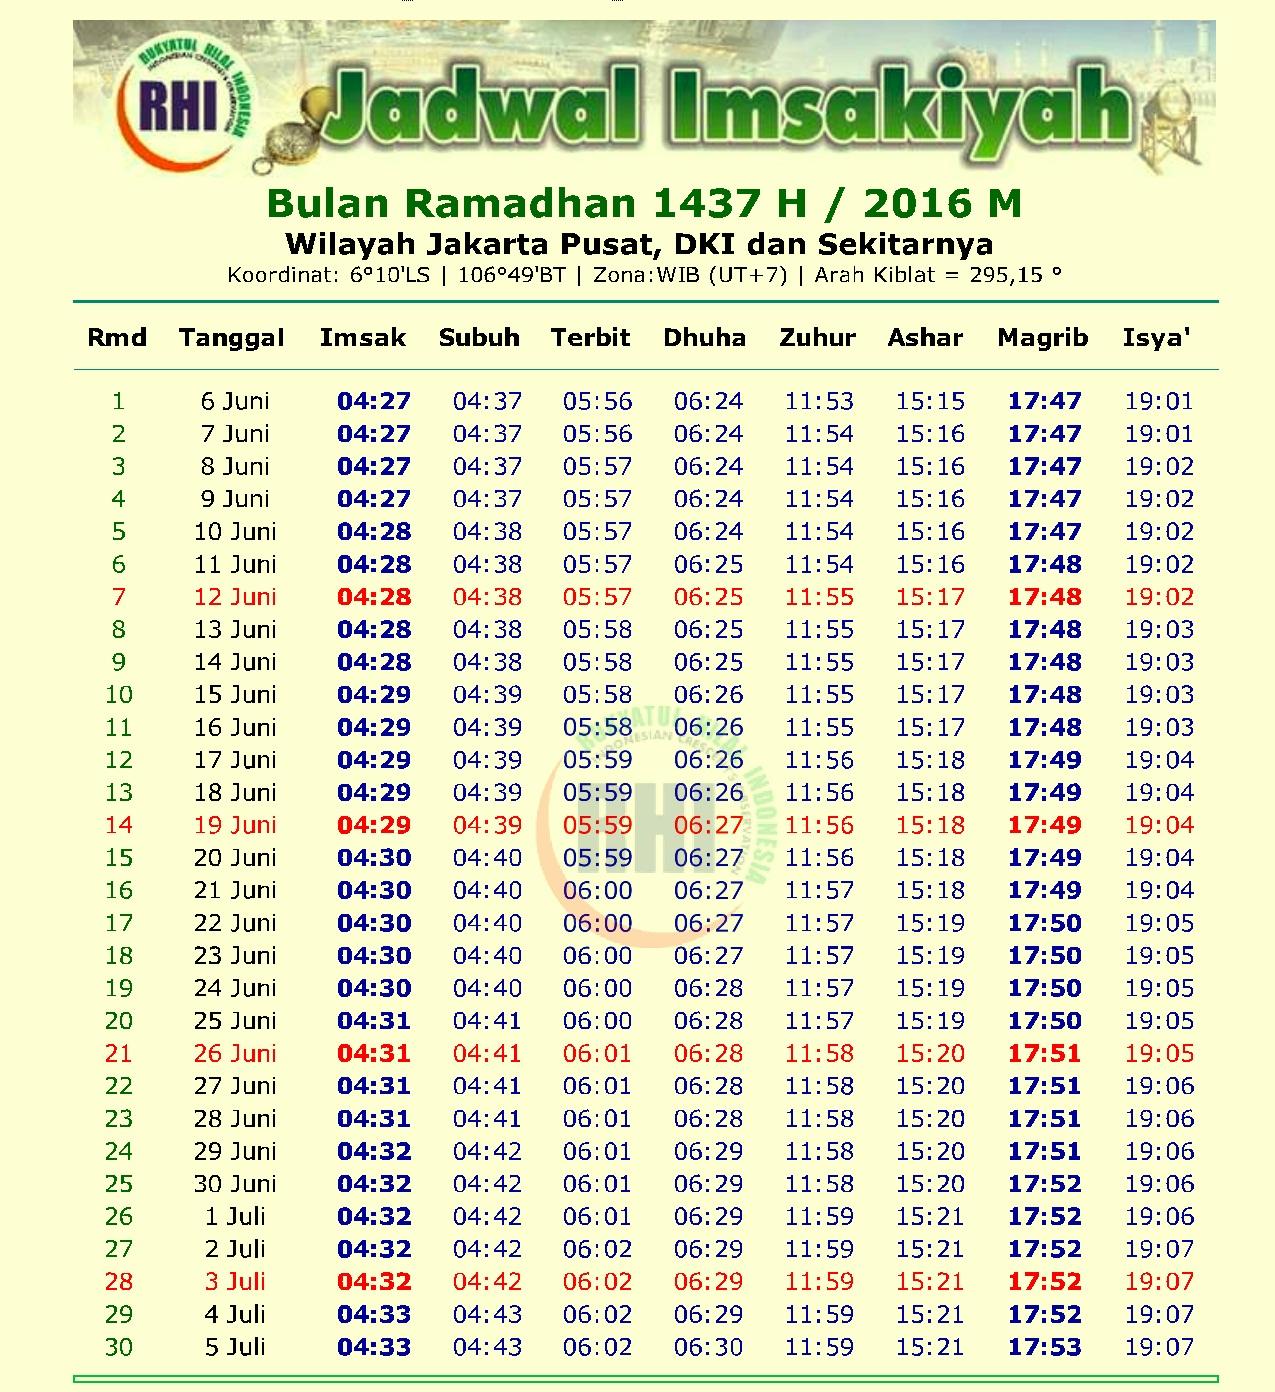 jadwal puasa jakarta 2018 puasaj rh puasaj blogspot com  jadwal puasa ramadhan 2017 jakarta